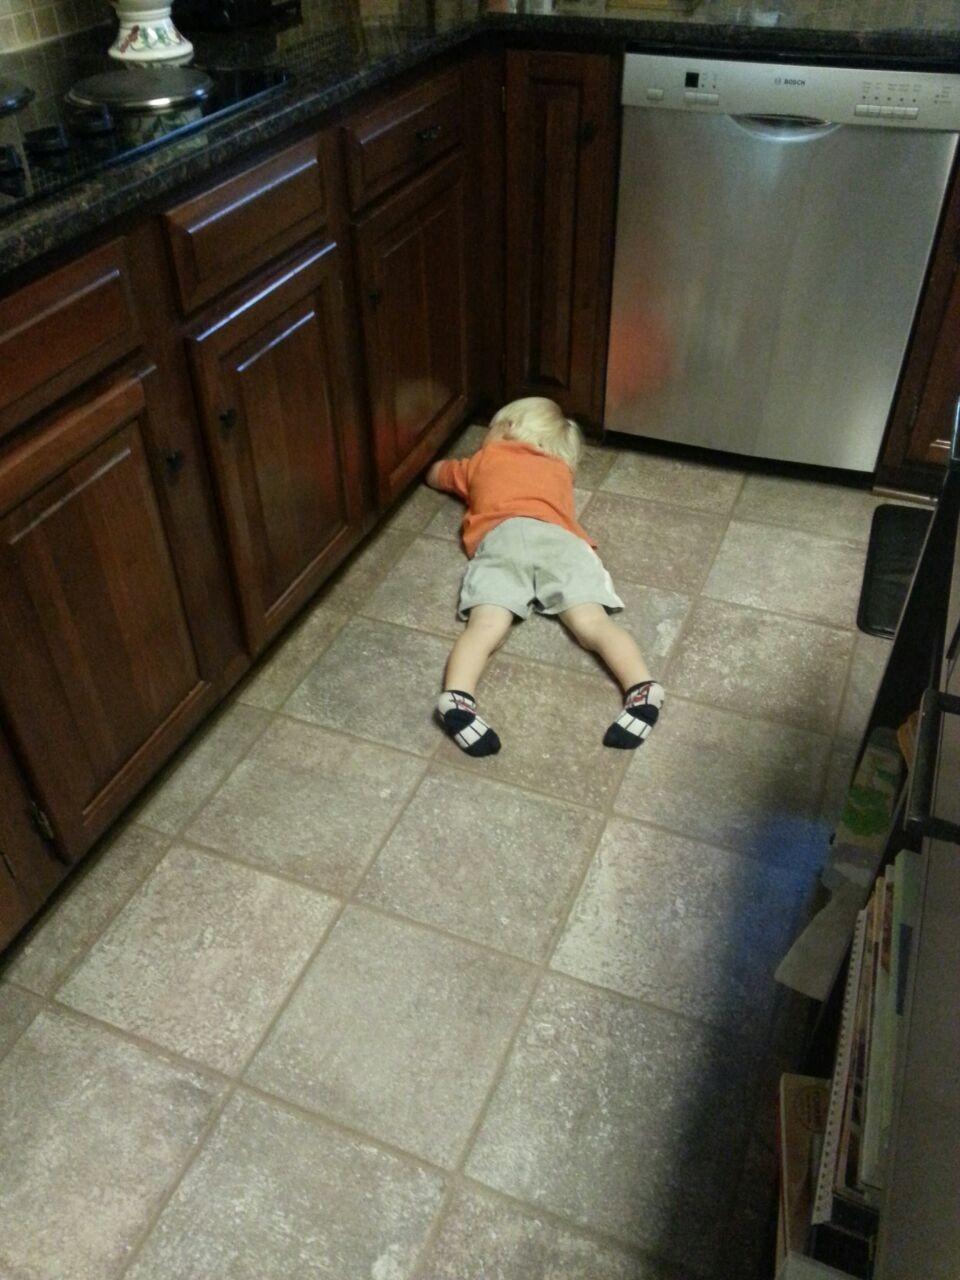 Ich habe mich gewundert warum es plötzlich so leise war...auf dem Küchenboden eingeschlafen :)